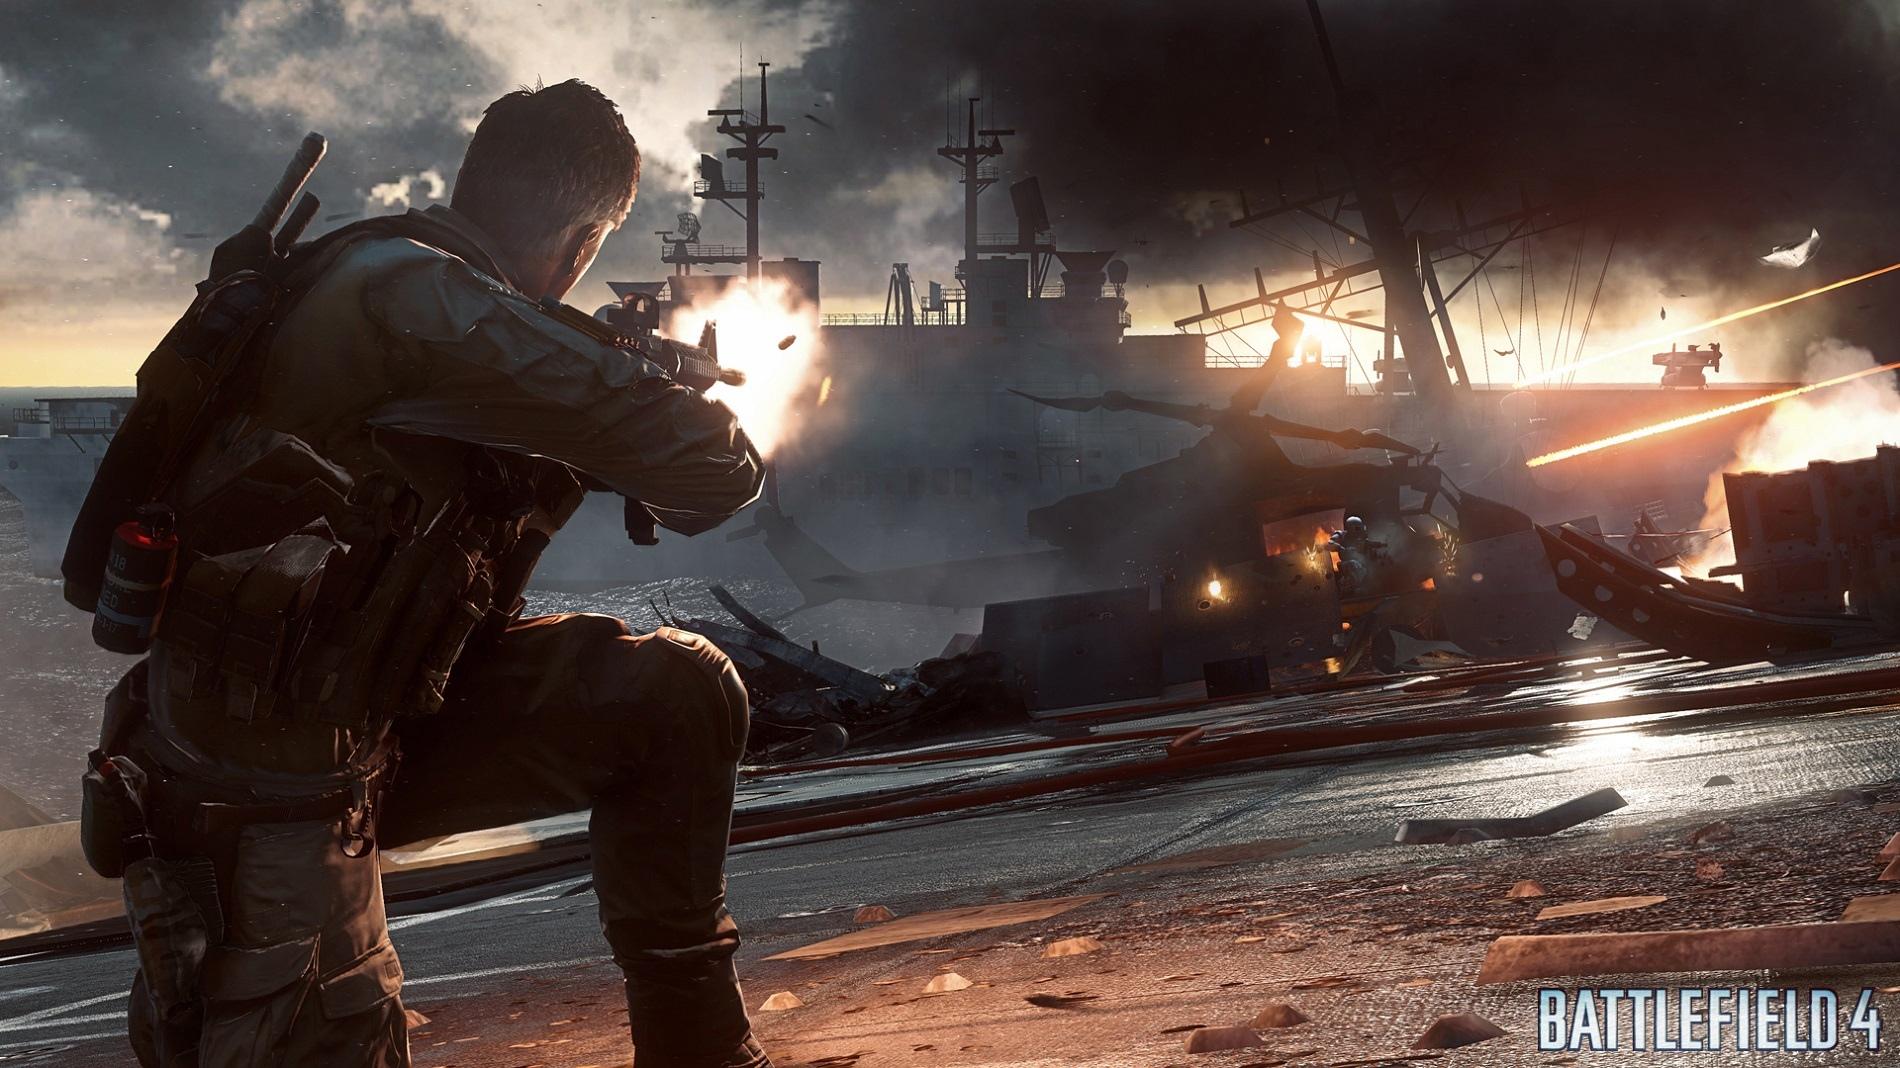 Инсайдер Том Хендерсон рассказал, что пока ничего не слышал о сюжетной кампании следующей части Battlefield